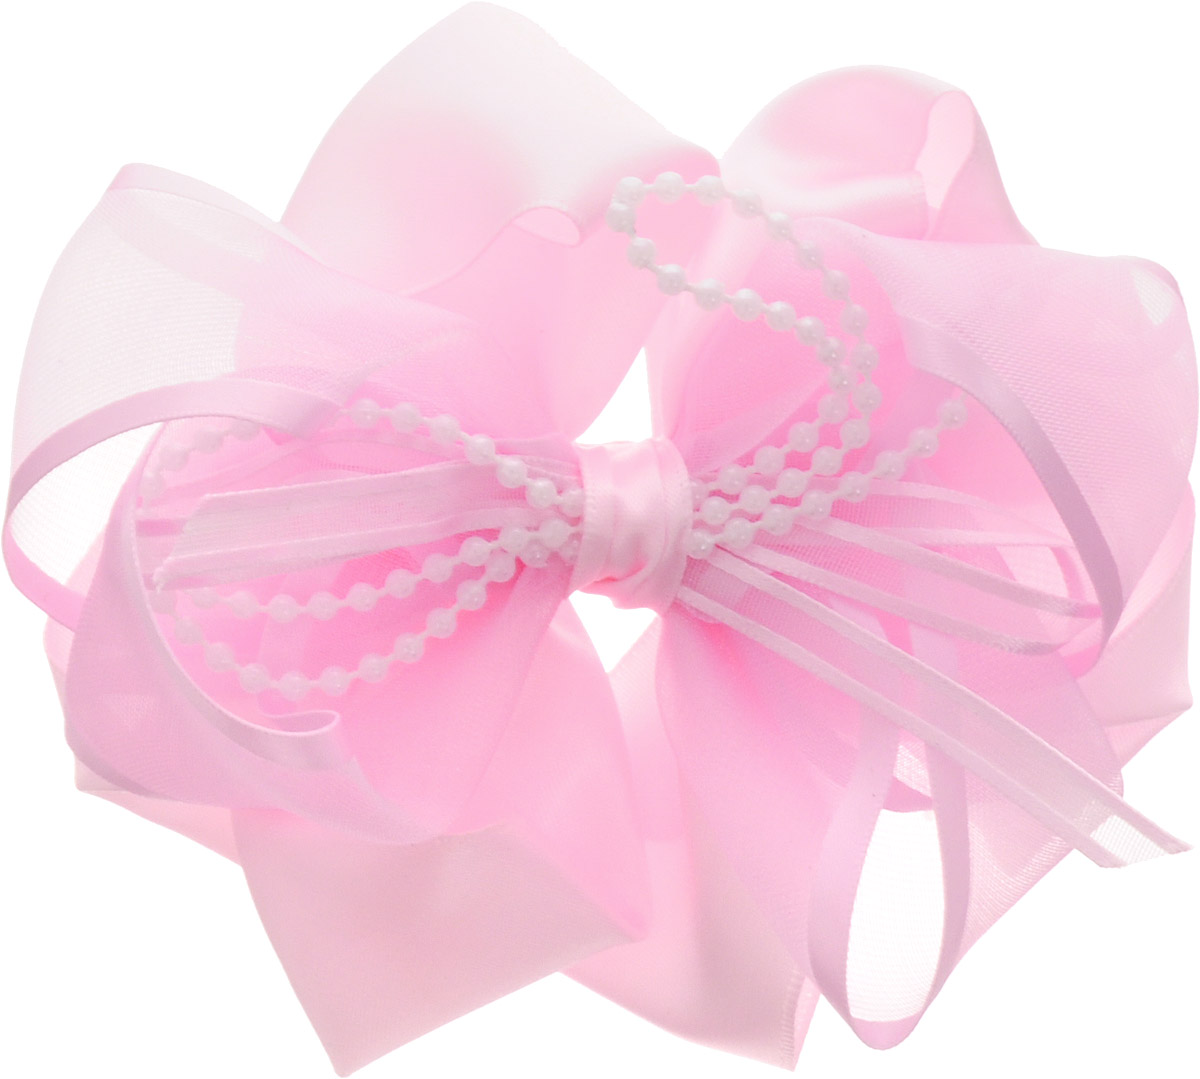 Babys Joy Бант для волос цвет розовый с бусинами MN 203339-UL8939Бант для волос на резинке Babys Joy позволит не только убрать непослушные волосы с лица, но и придать образу романтичности и очарования. Такая резинка для волос подчеркнет уникальность вашей маленькой модницы и станет прекрасным дополнением к ее неповторимому стилю.